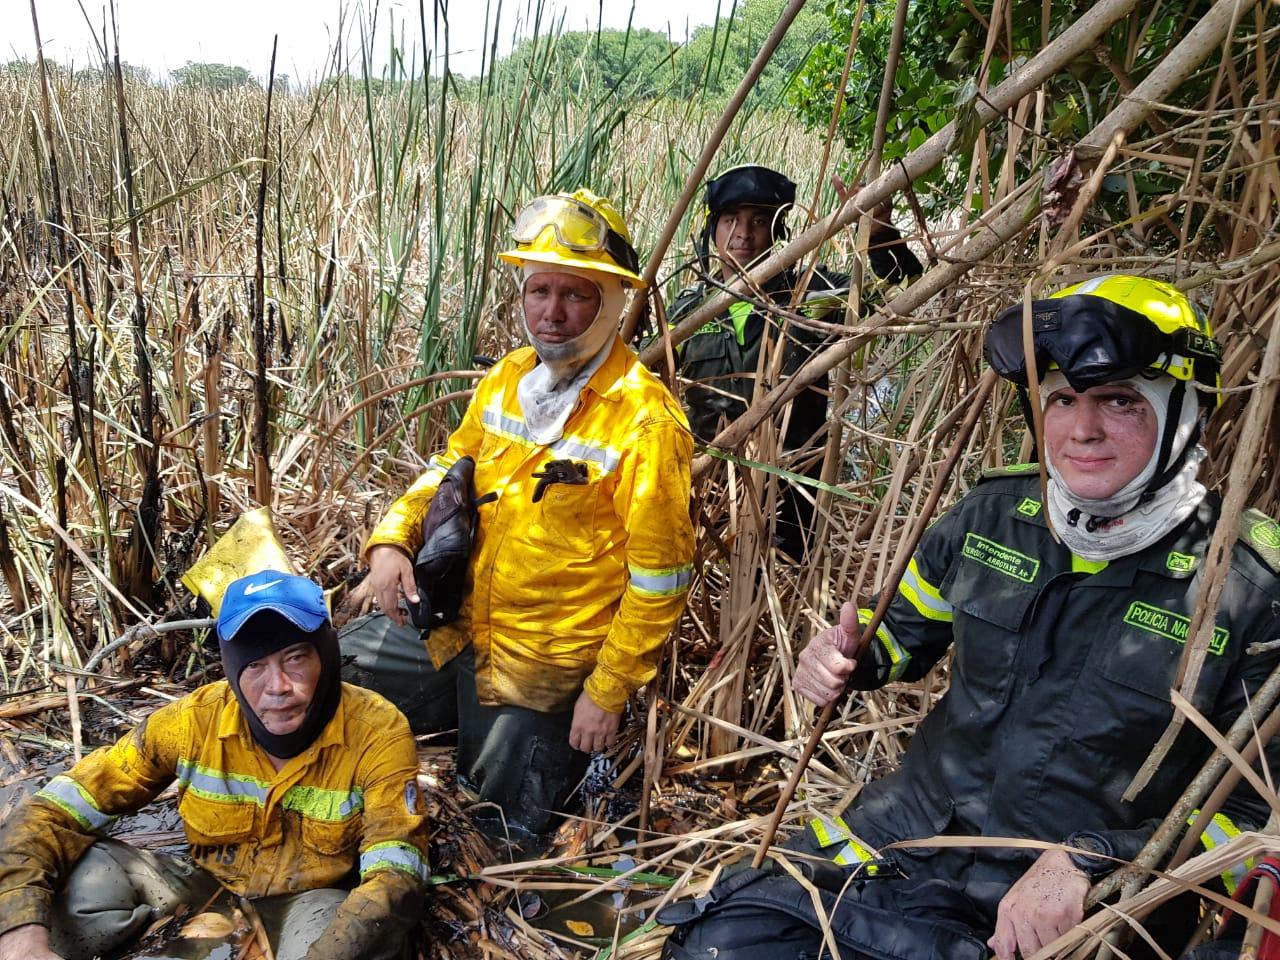 Autoridades intervienen incendio en Parque Isla de slamanca